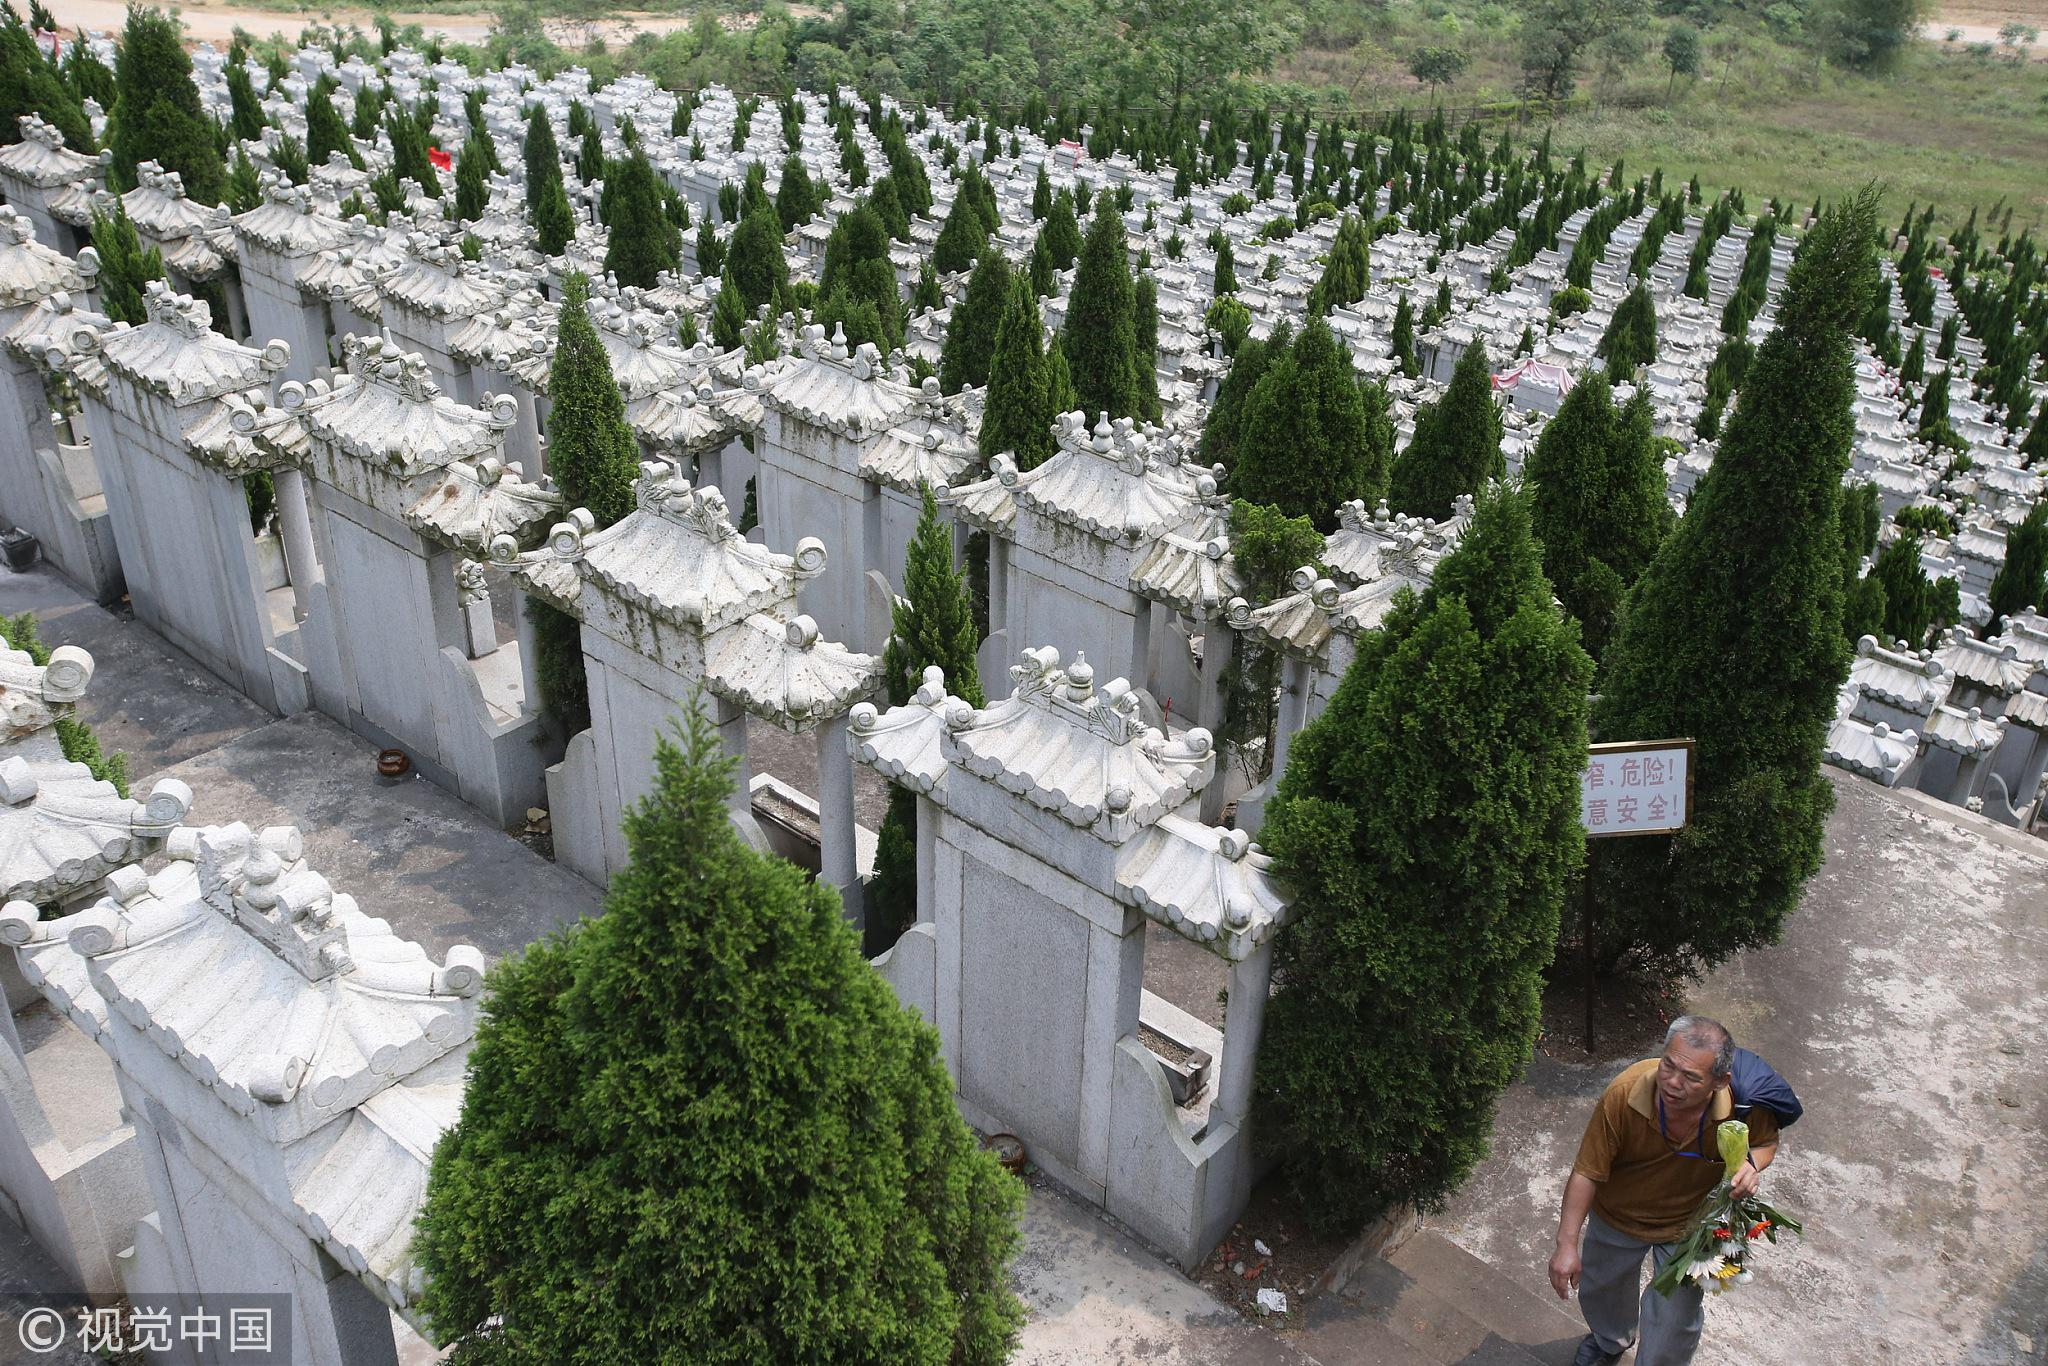 2013年03月29日,广西壮族自治区南宁市佛子岭公墓里有部分墓地已经到期,按规定需要续交管理费。/视觉中国